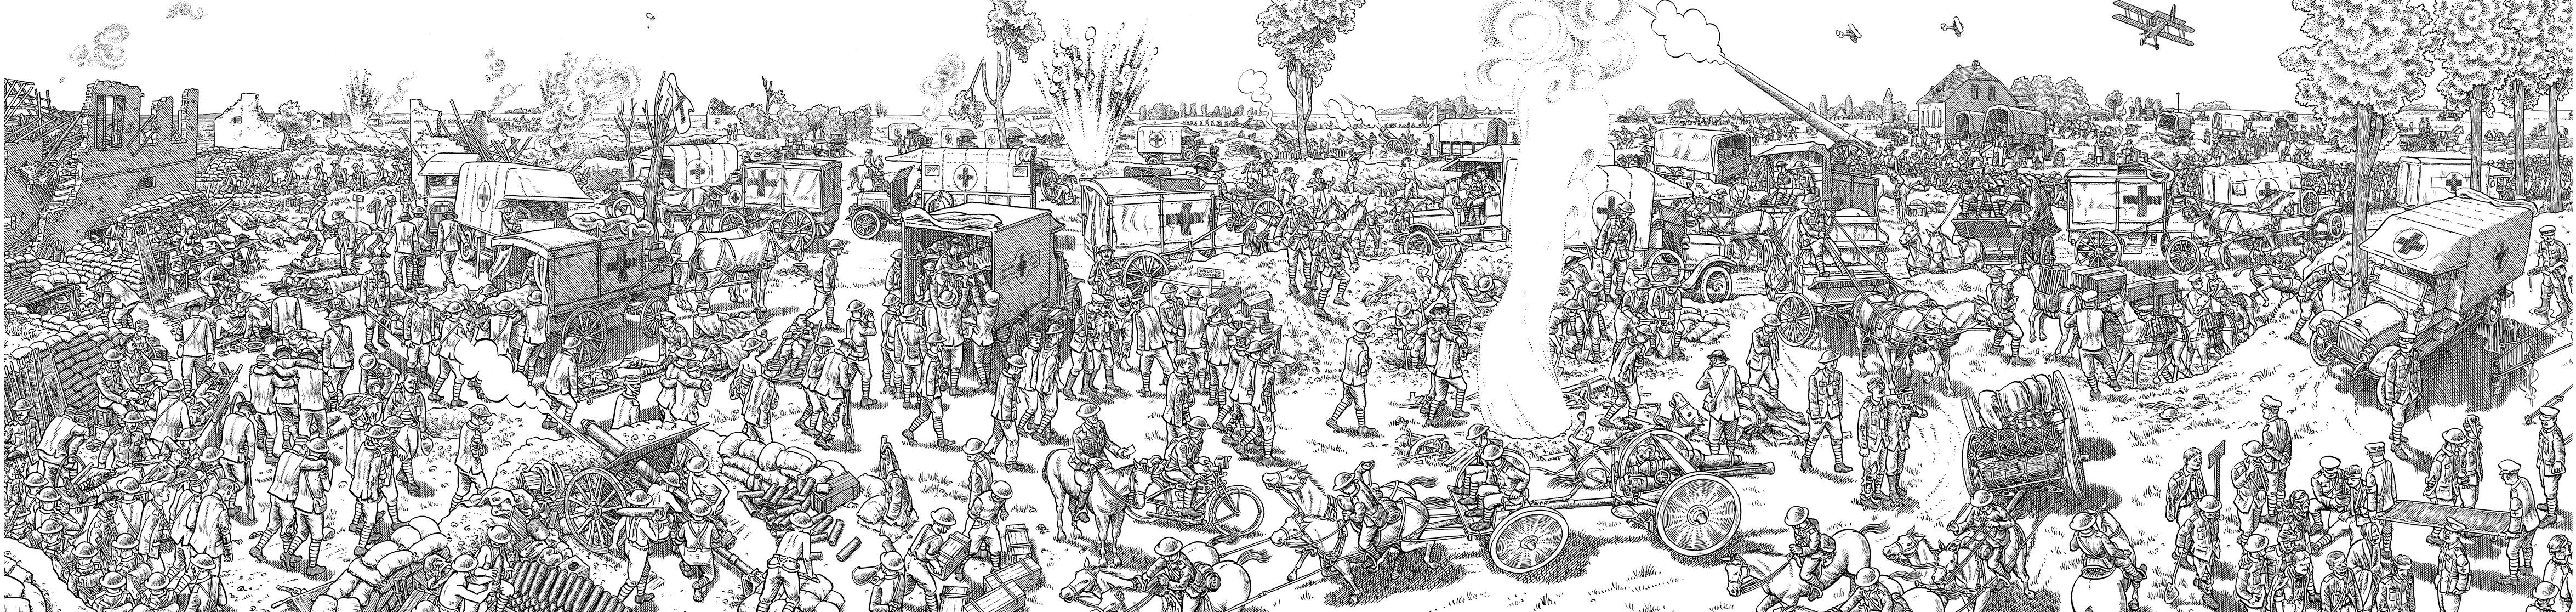 the long war pratchett pdf